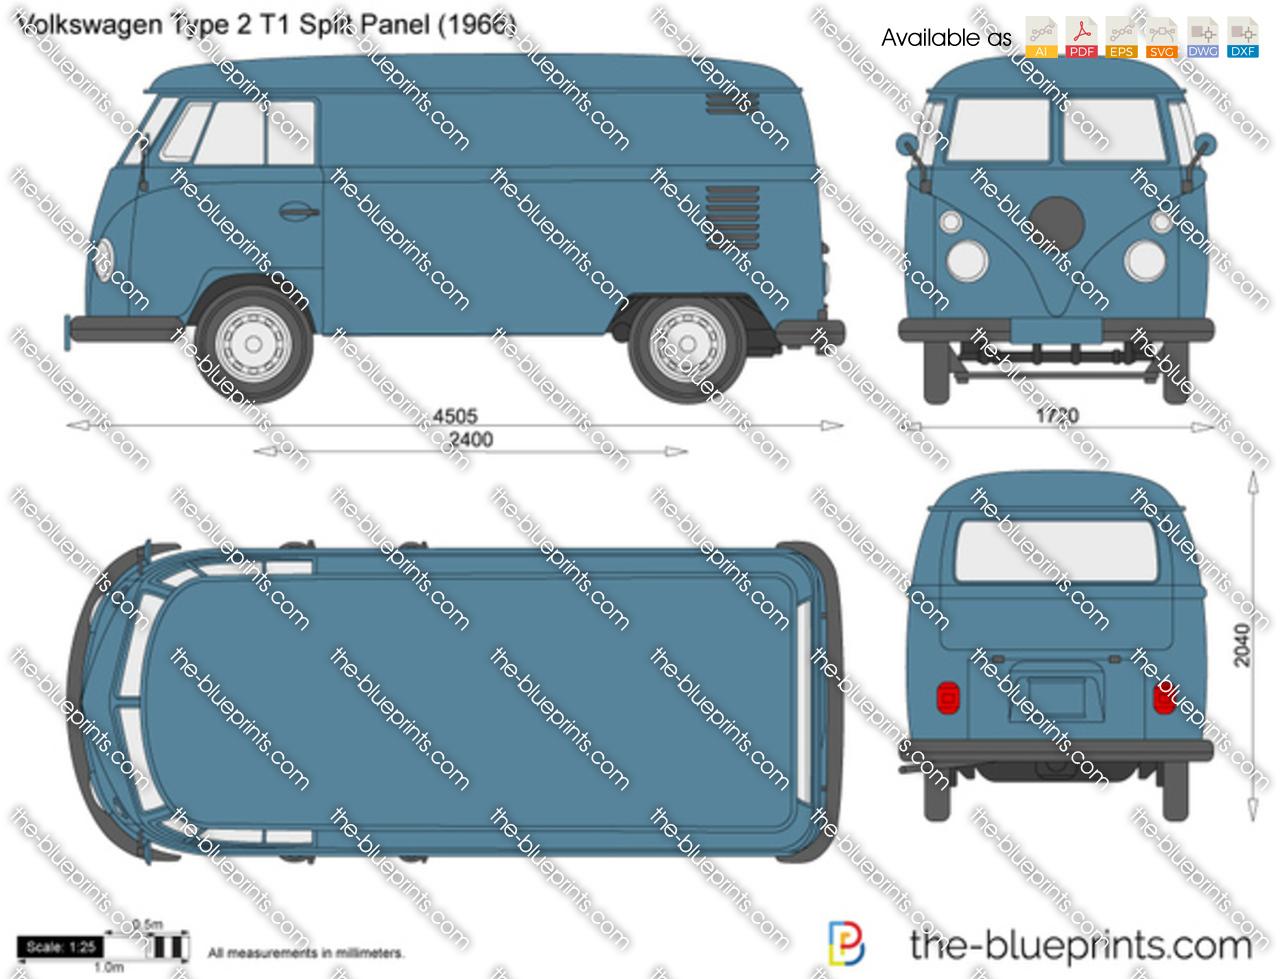 Volkswagen Type 2 T1 Split Panel 1965